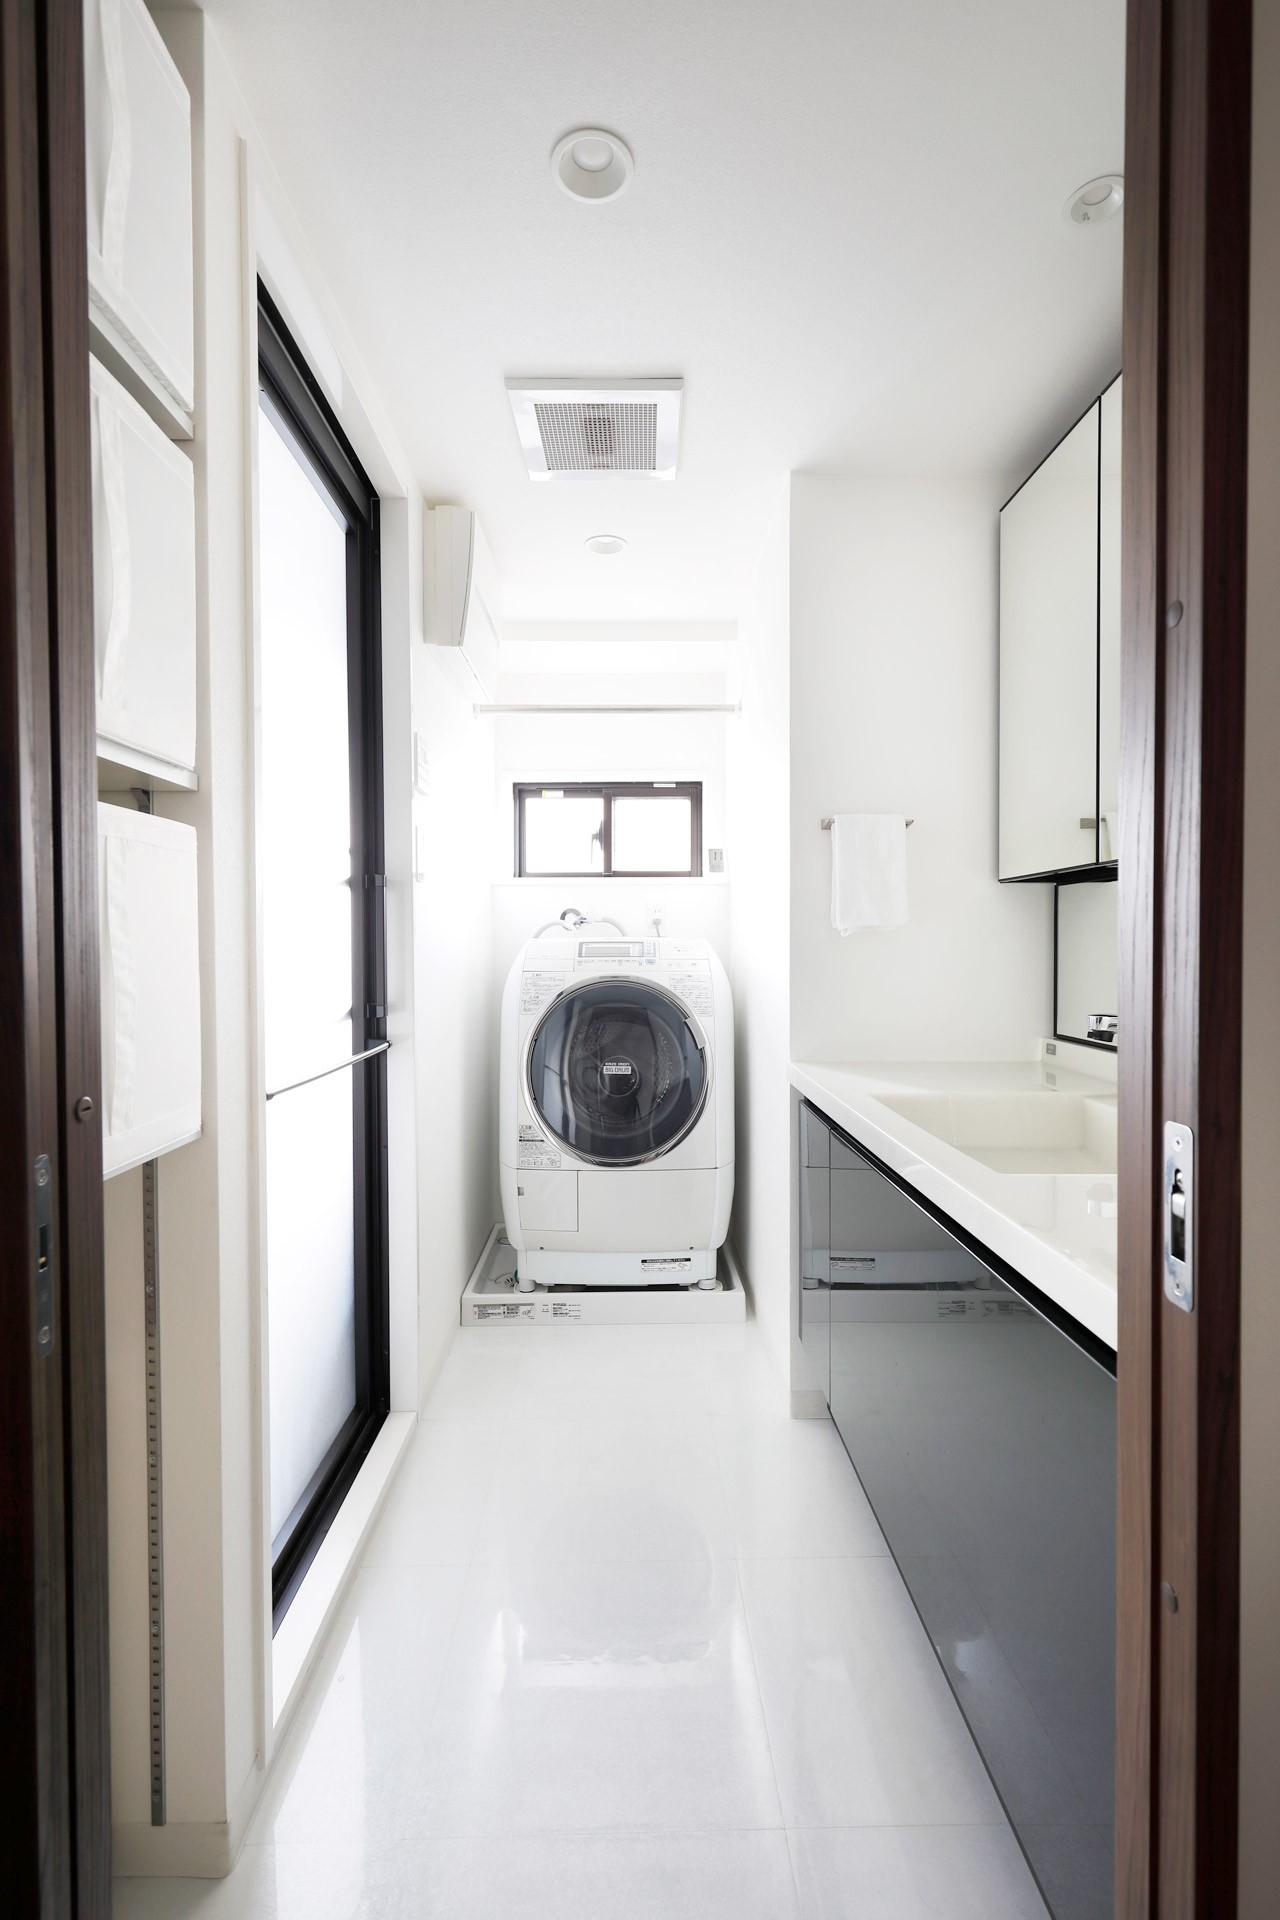 一見シンプルな住まいながら、来客には見えないオシャレにもこだわった家。 (明るい洗面と浴室空間)